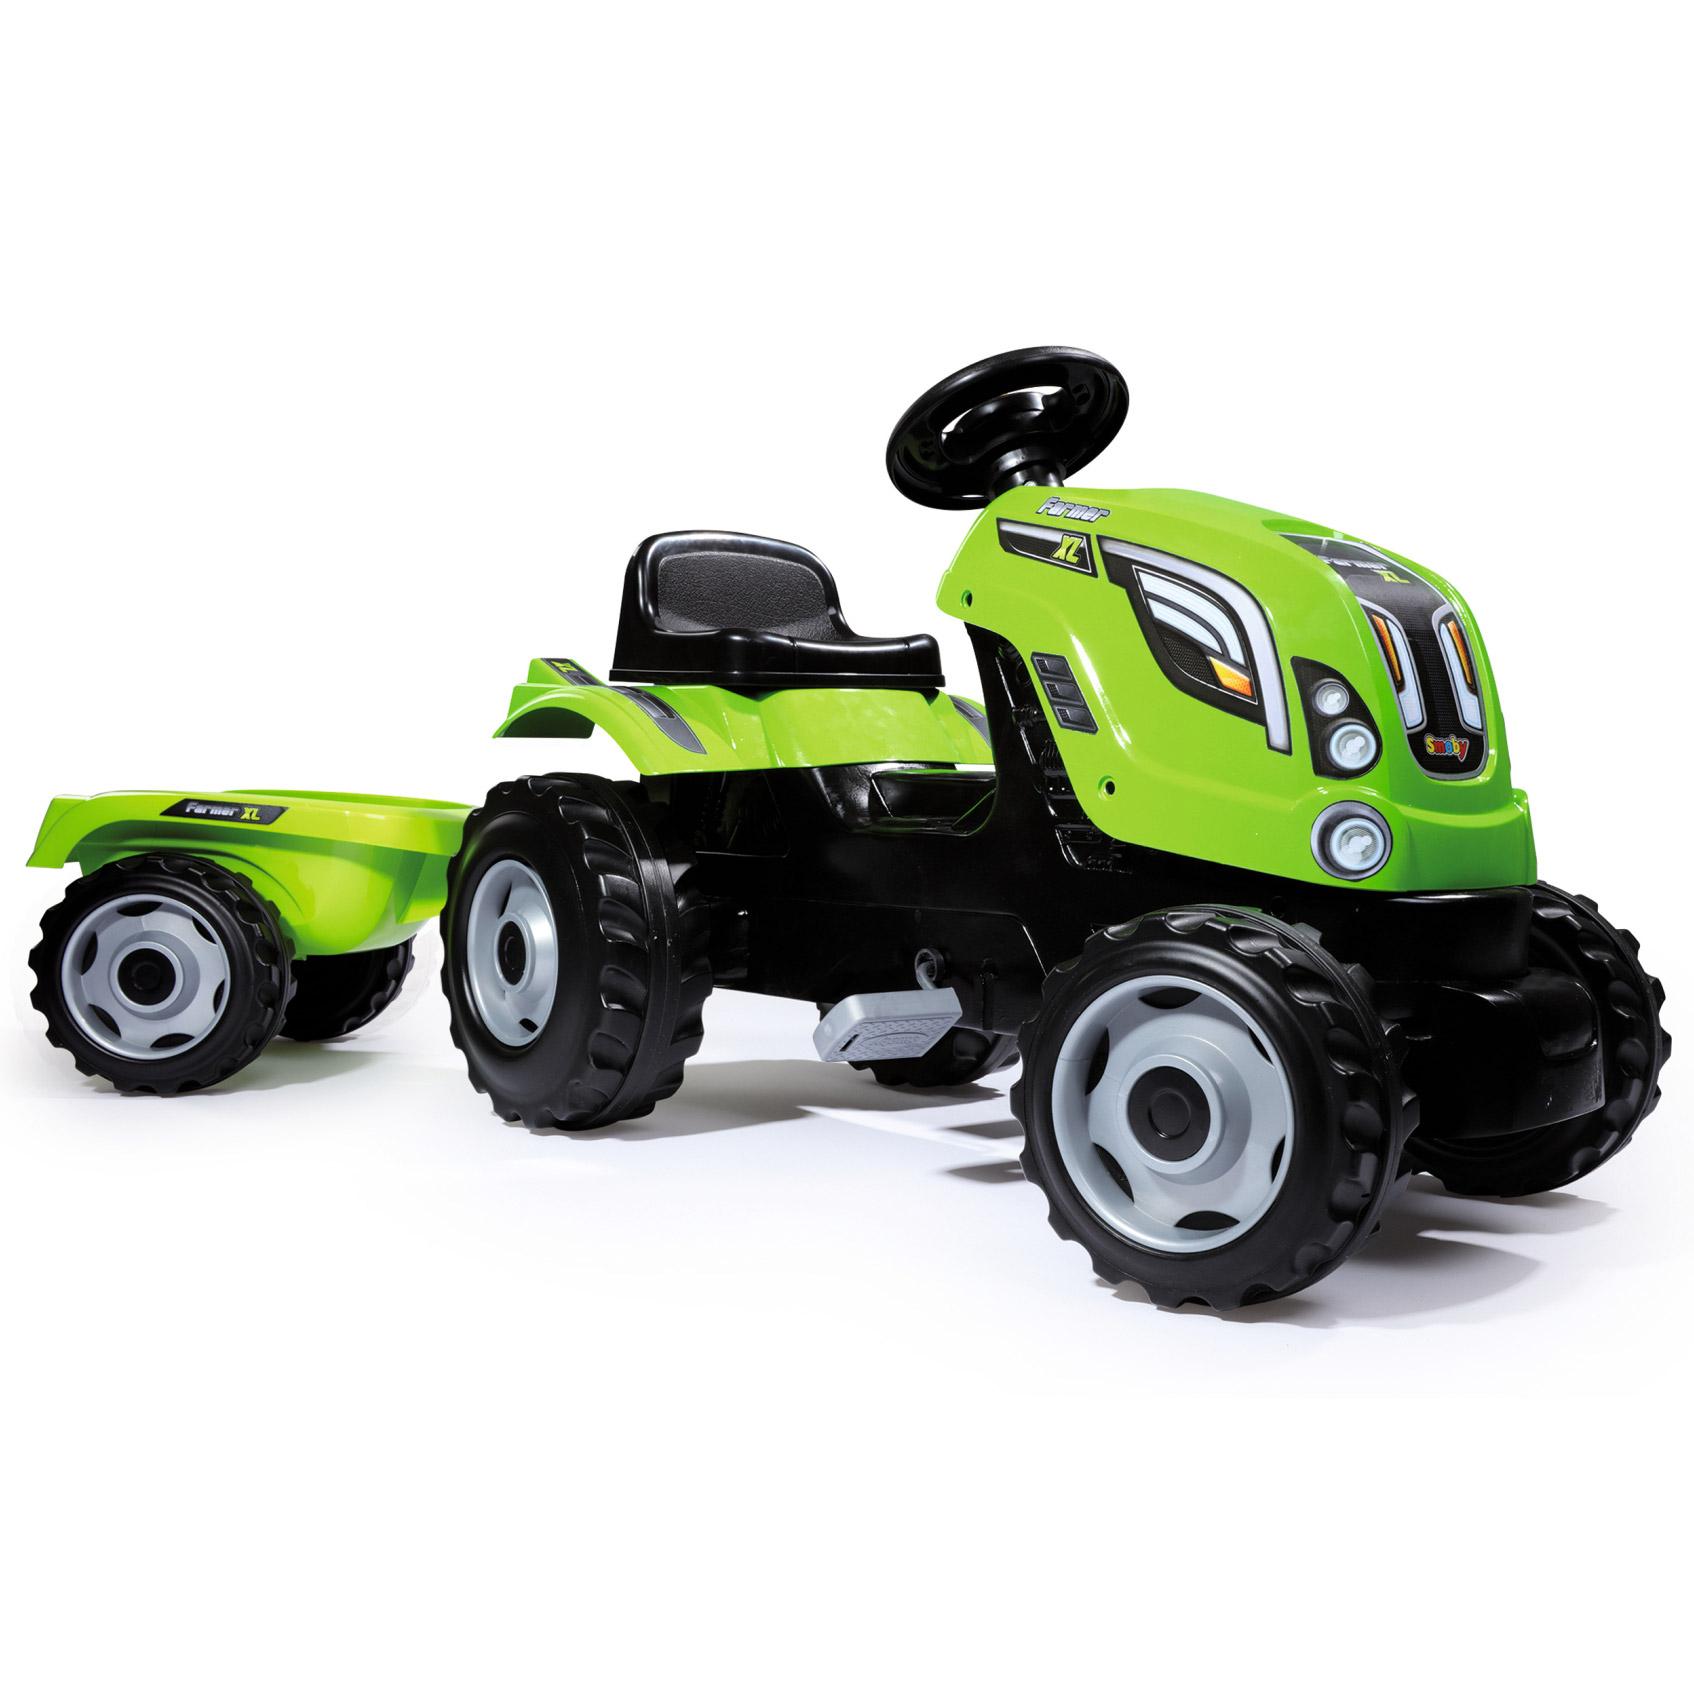 Tractor XL Verde cu re...